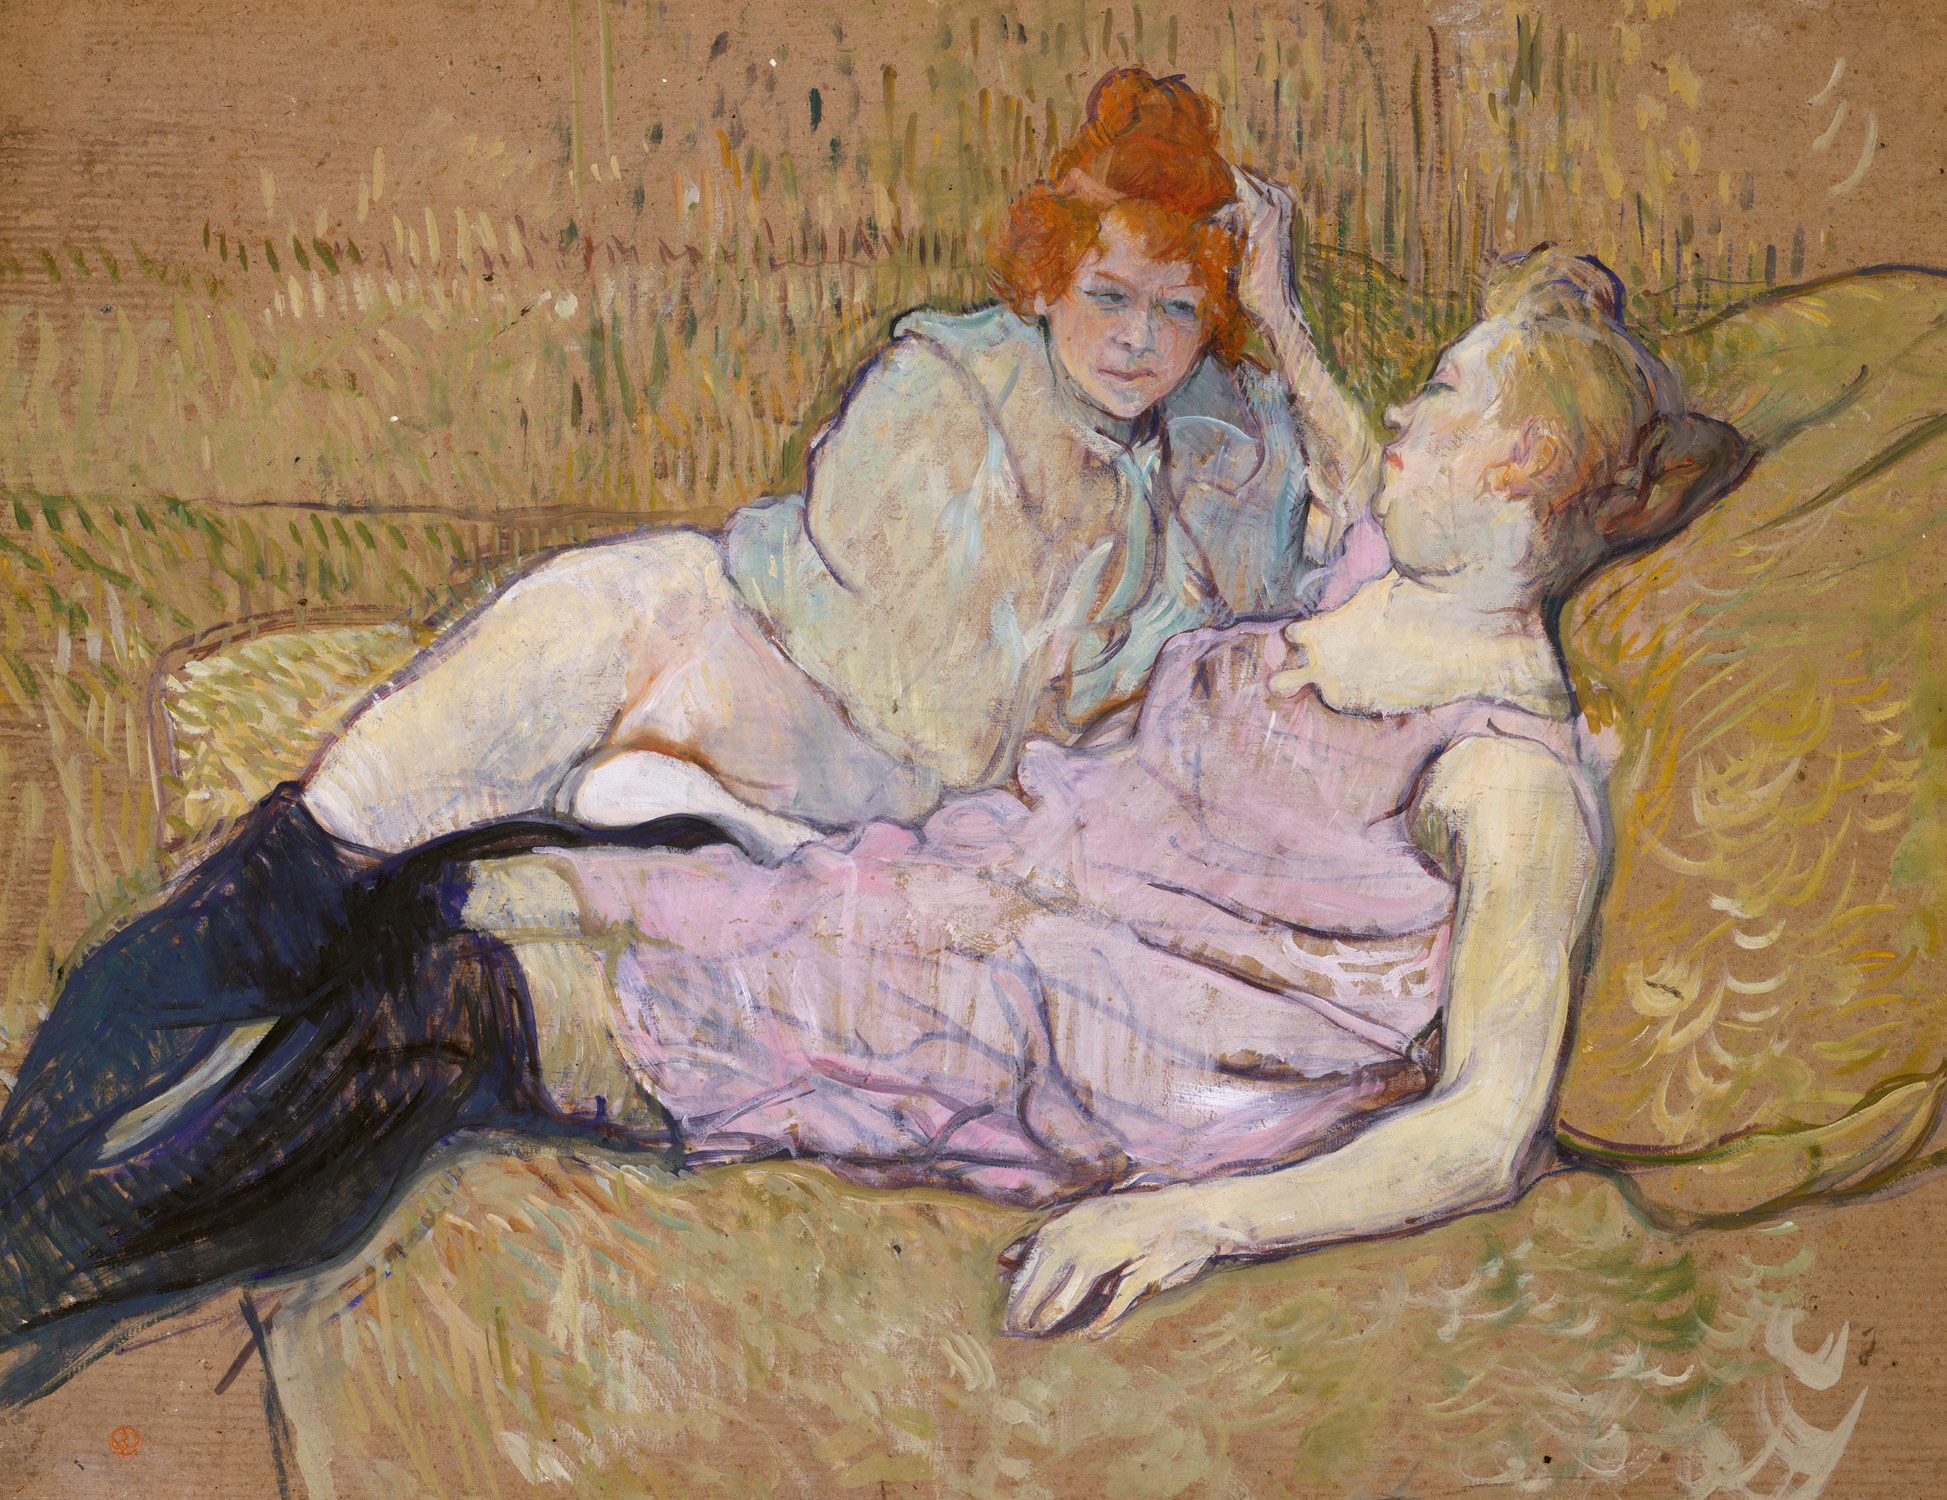 The Sofa , Oil on Cardboard, 1895, 63 x 81 cm, by Henri de Toulouse-Lautrec